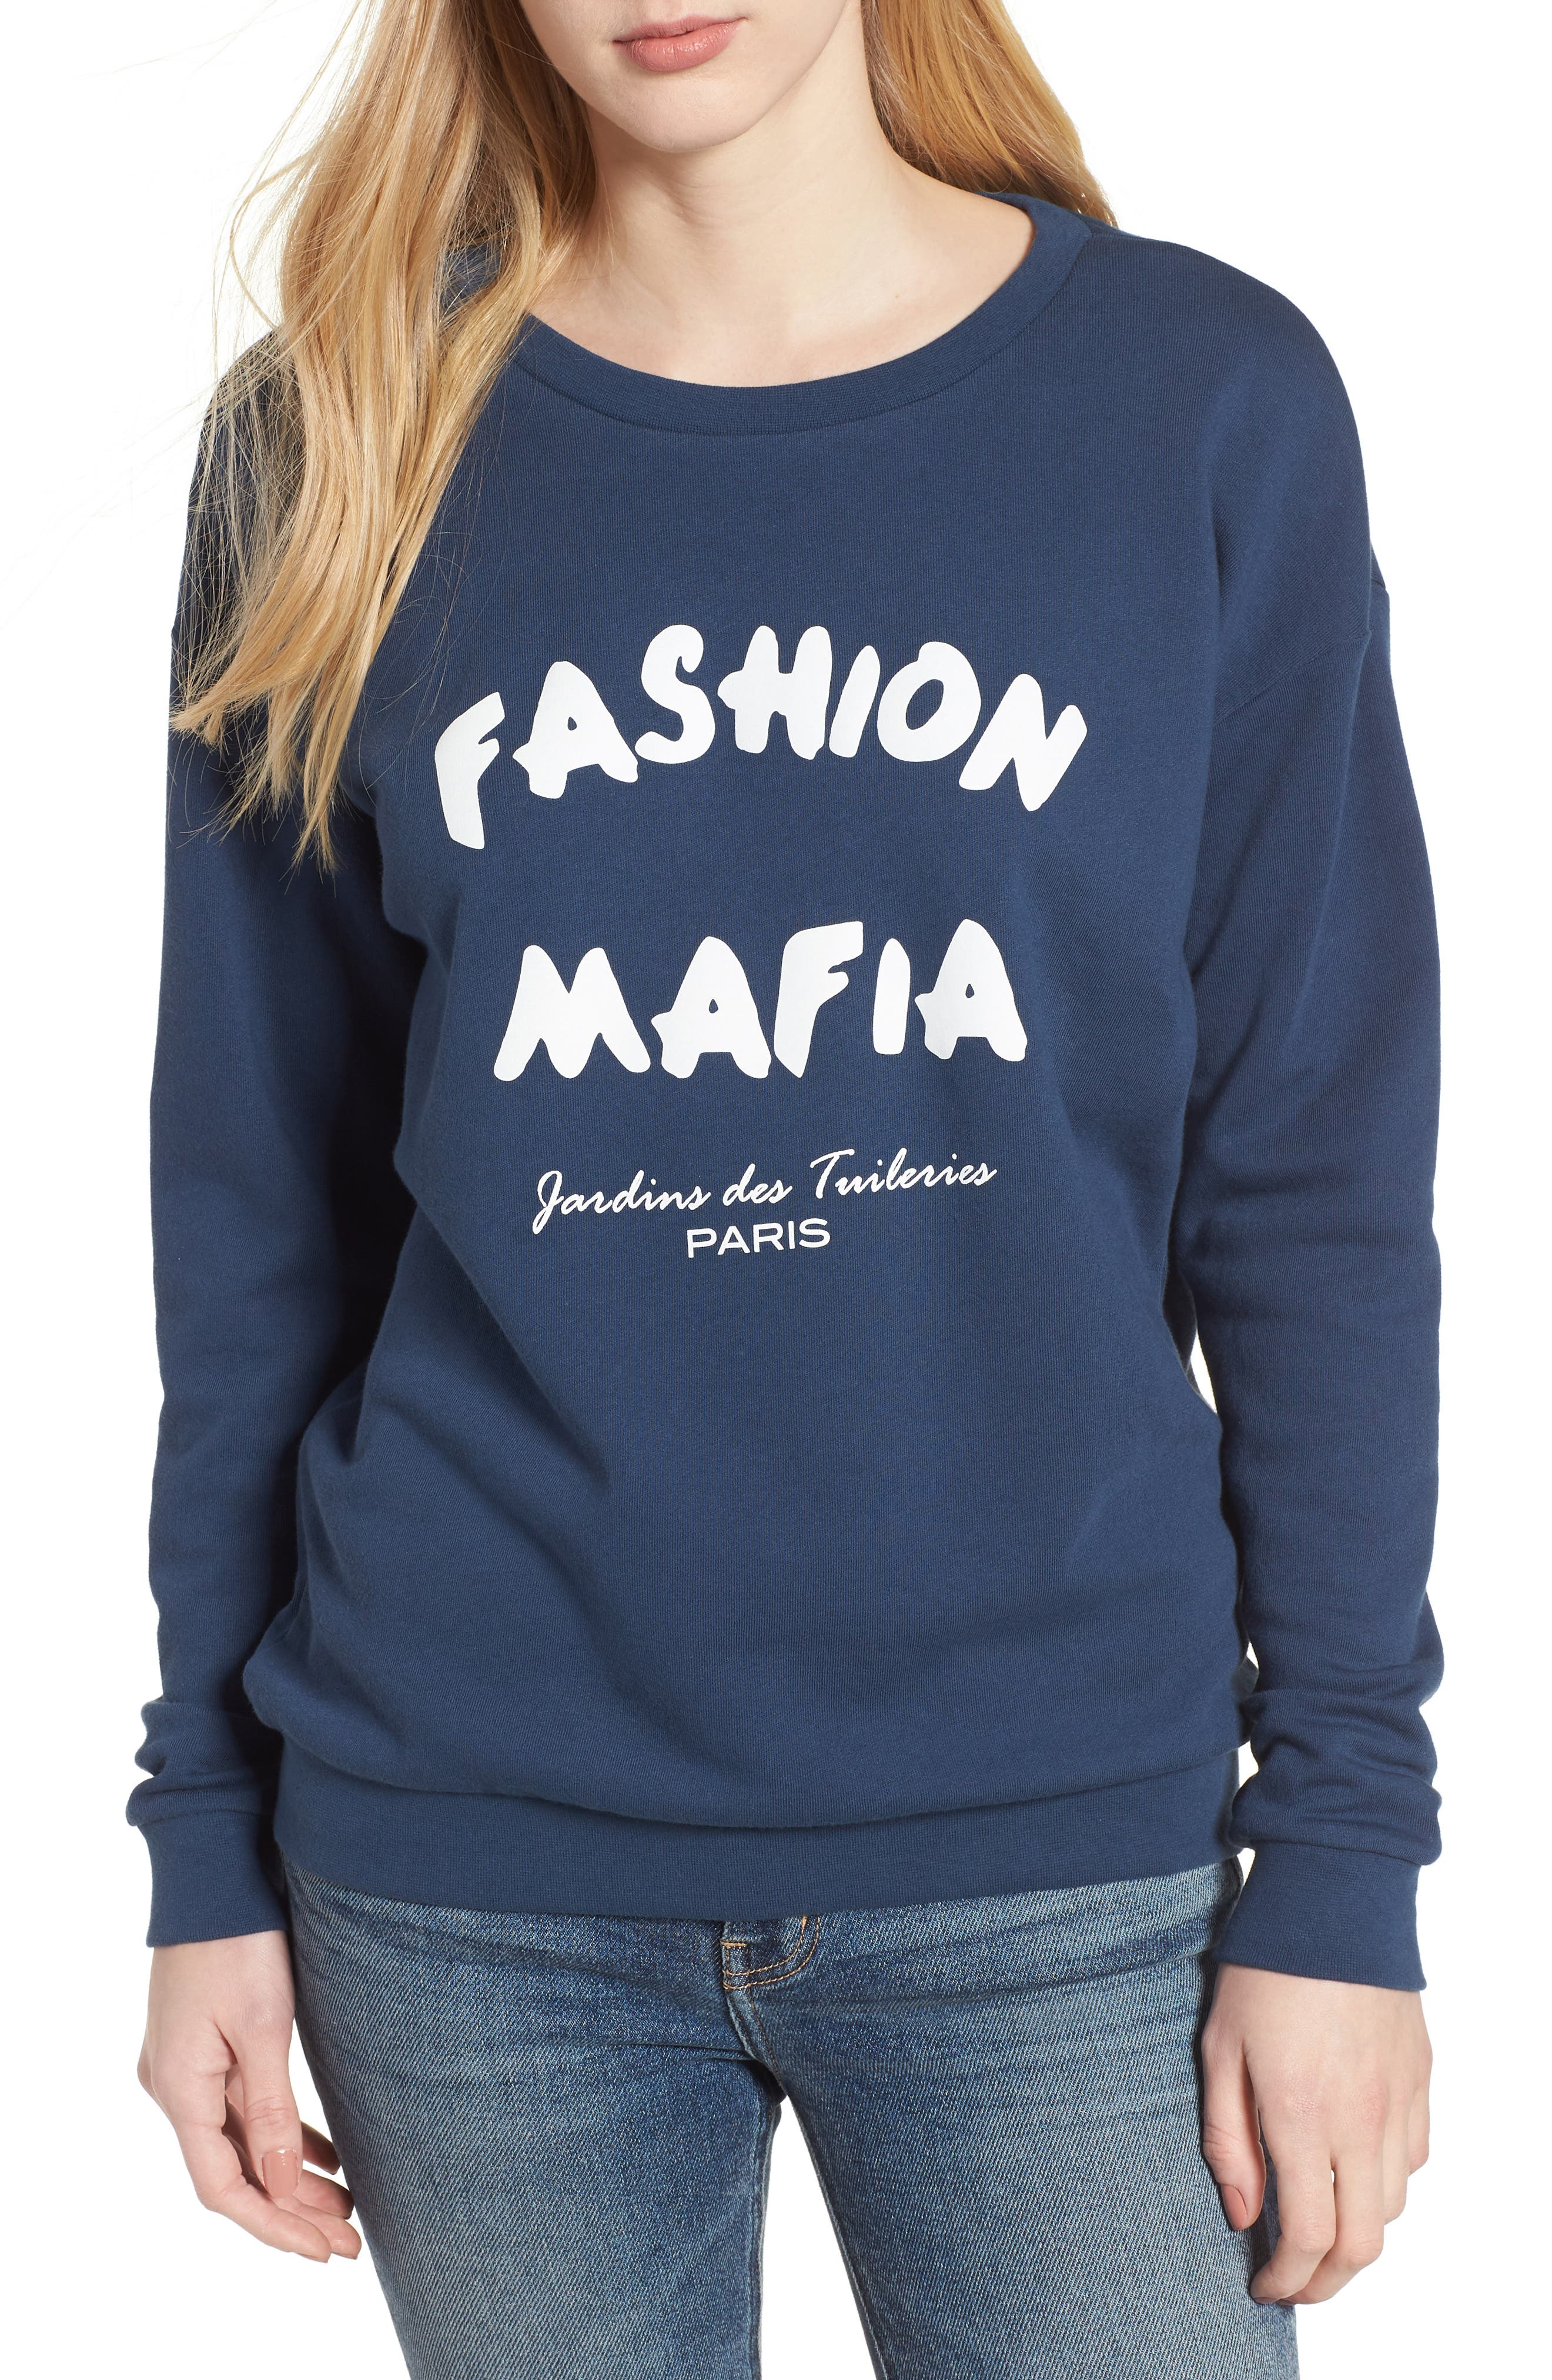 Alexa - Fashion Mafia Sweatshirt,                             Main thumbnail 1, color,                             400